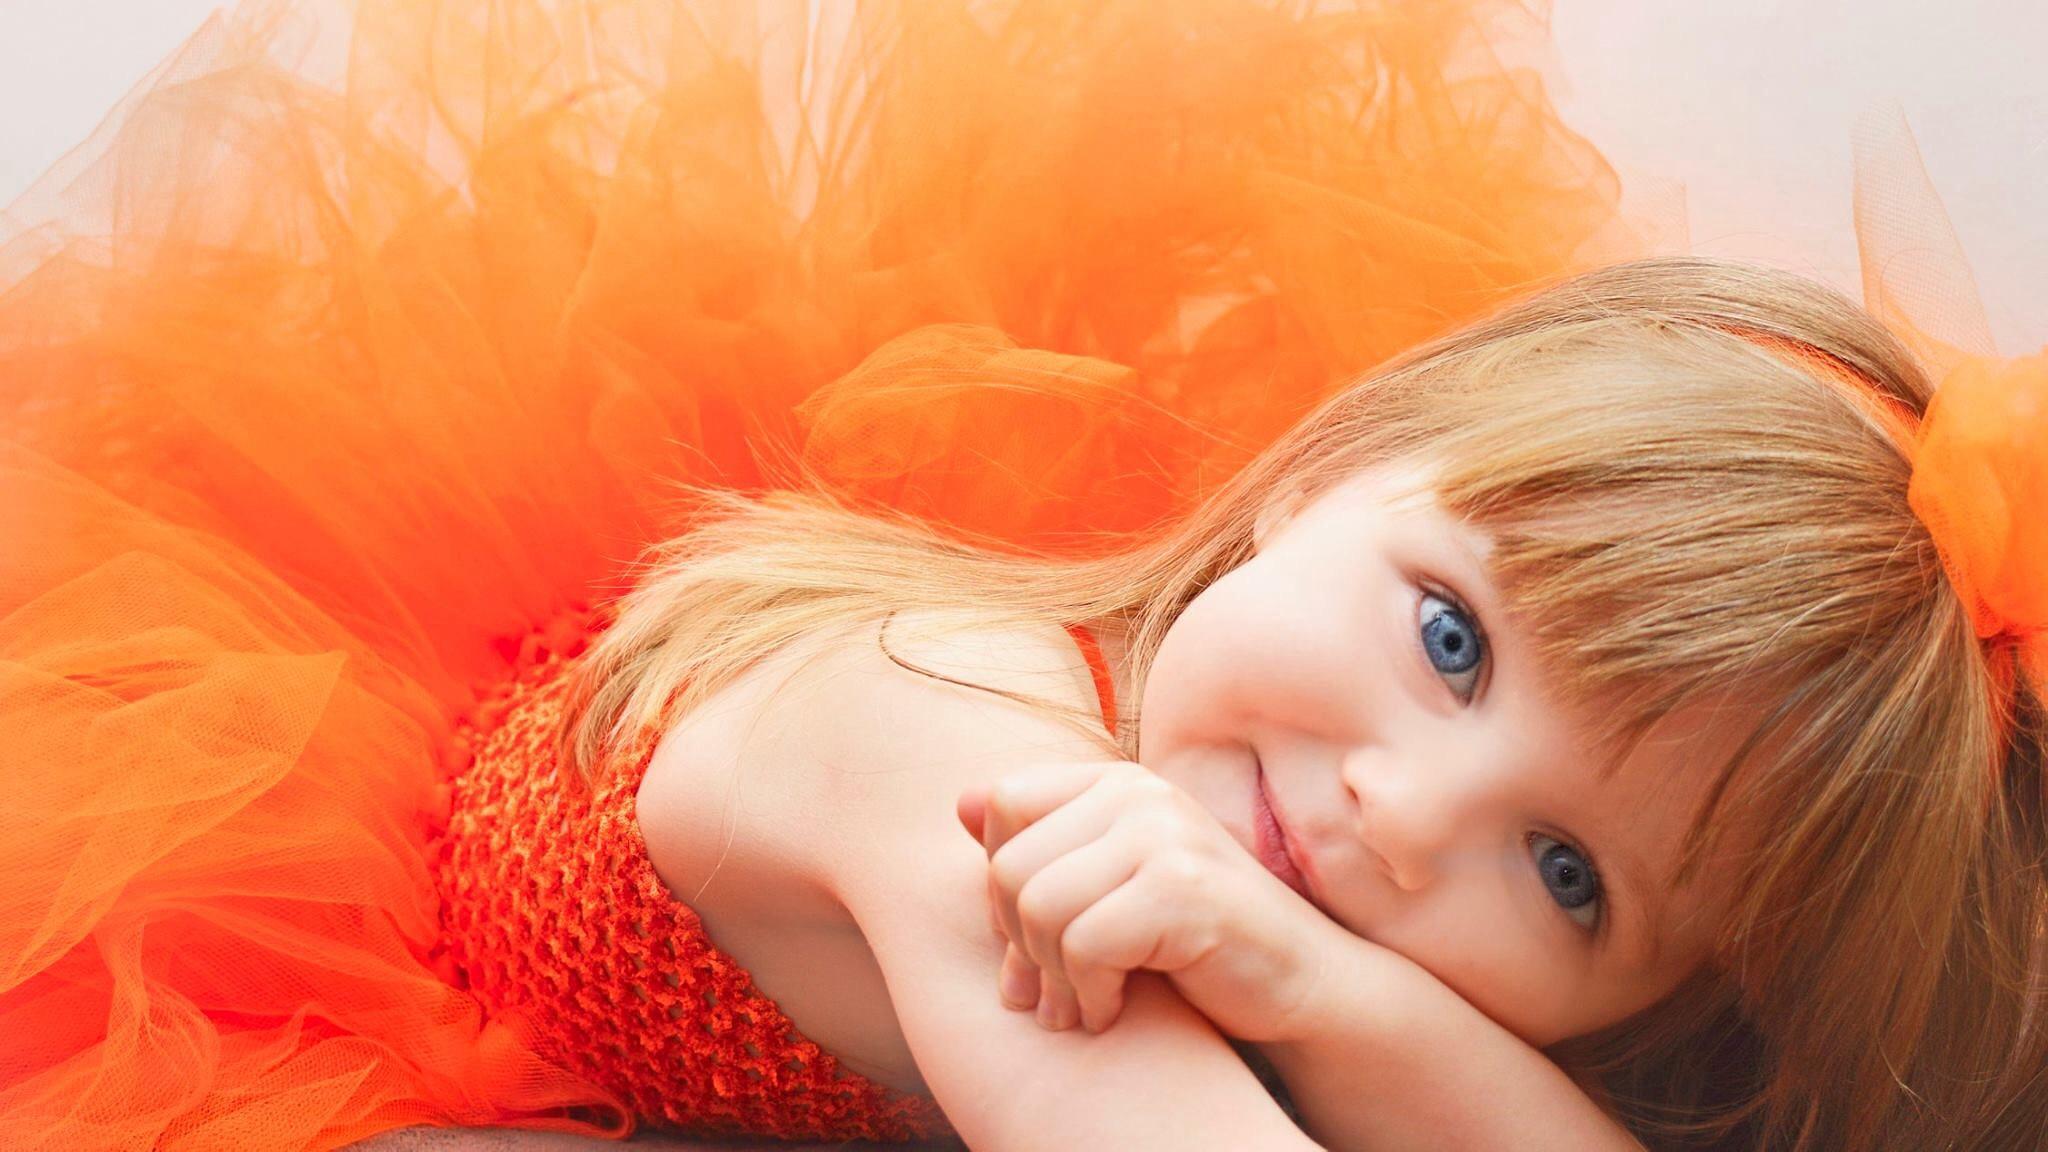 Orange by sara.bond.353